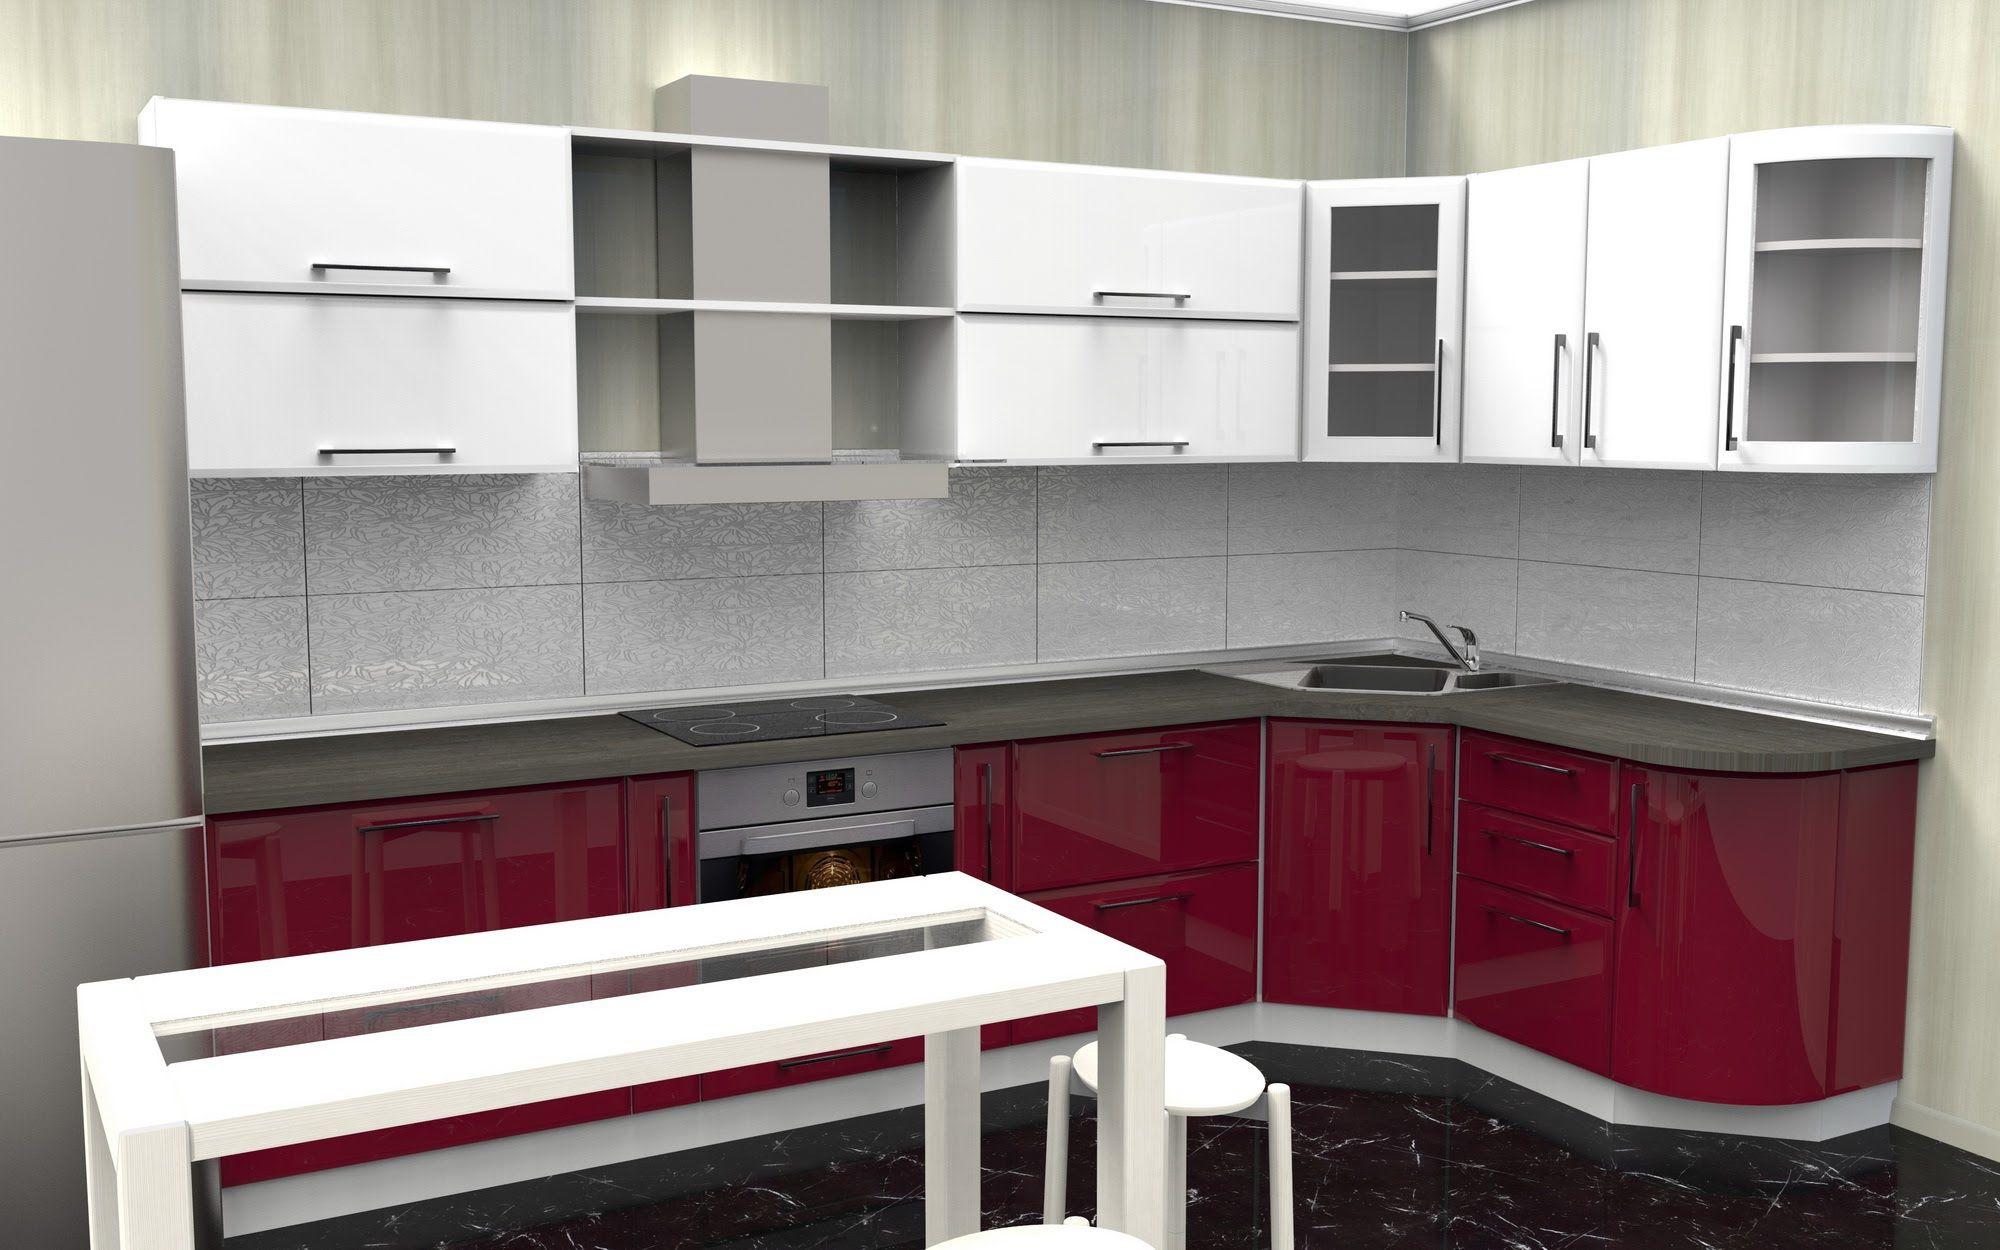 3d Kitchen Design Software Prodboard Online Kitchen Planner 3d 3d Kitchen Design Online Kitchen Design